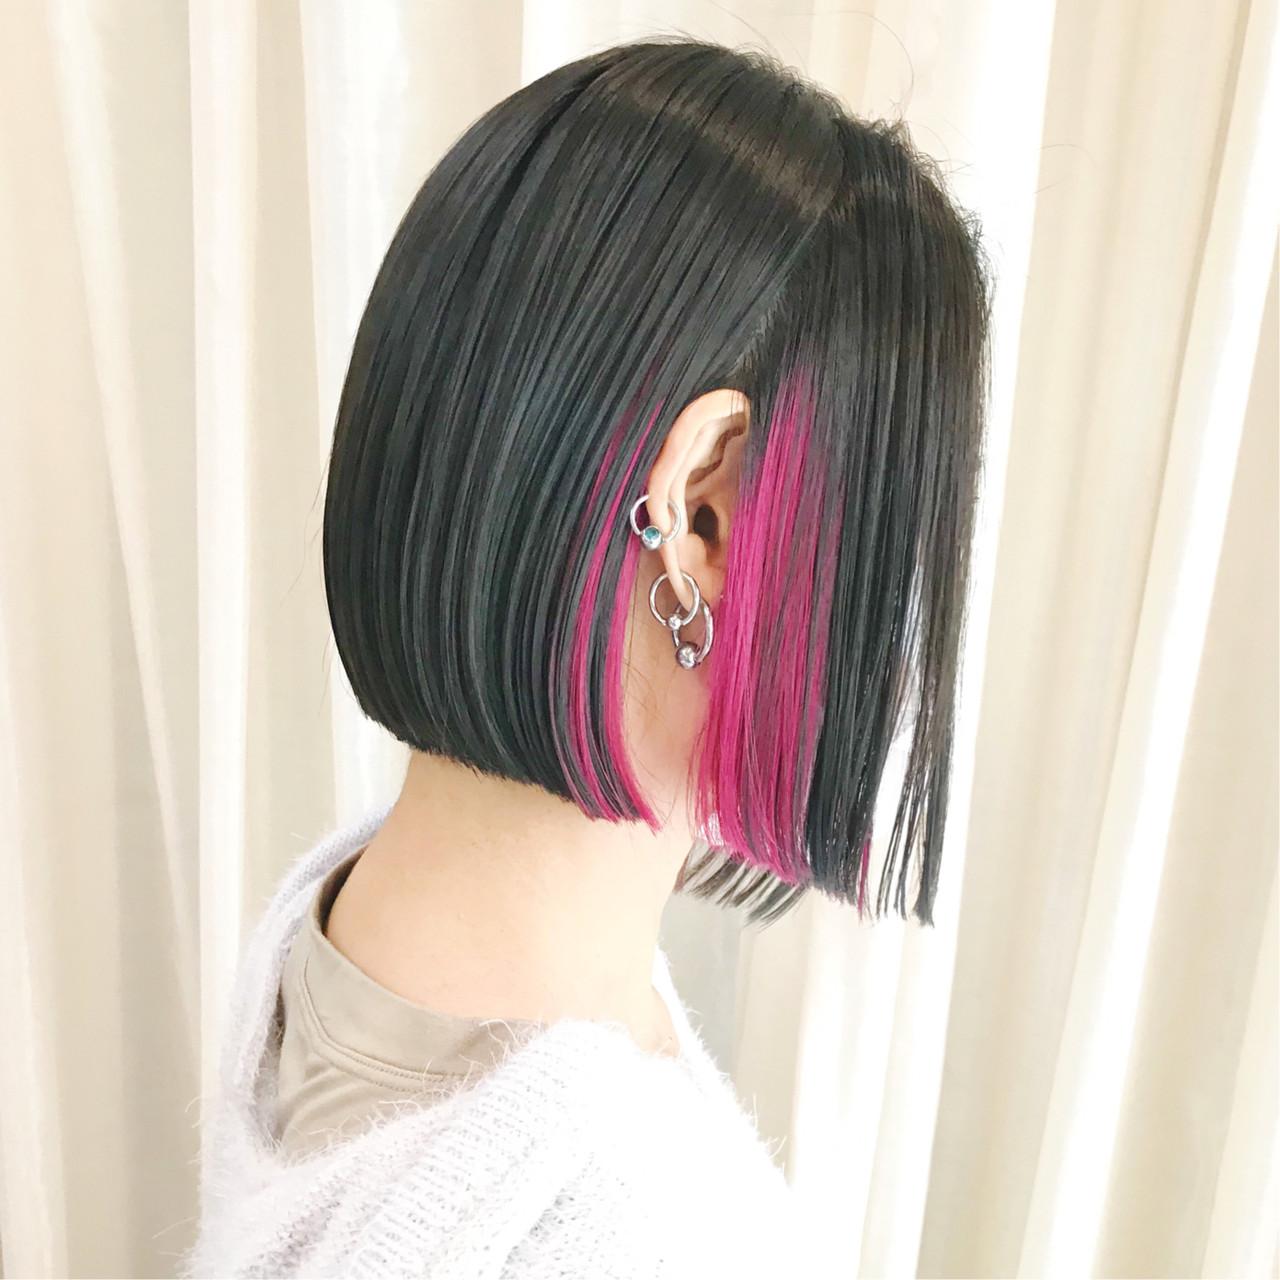 インナーカラー ベリーピンク ミニボブ ラベンダーピンク ヘアスタイルや髪型の写真・画像